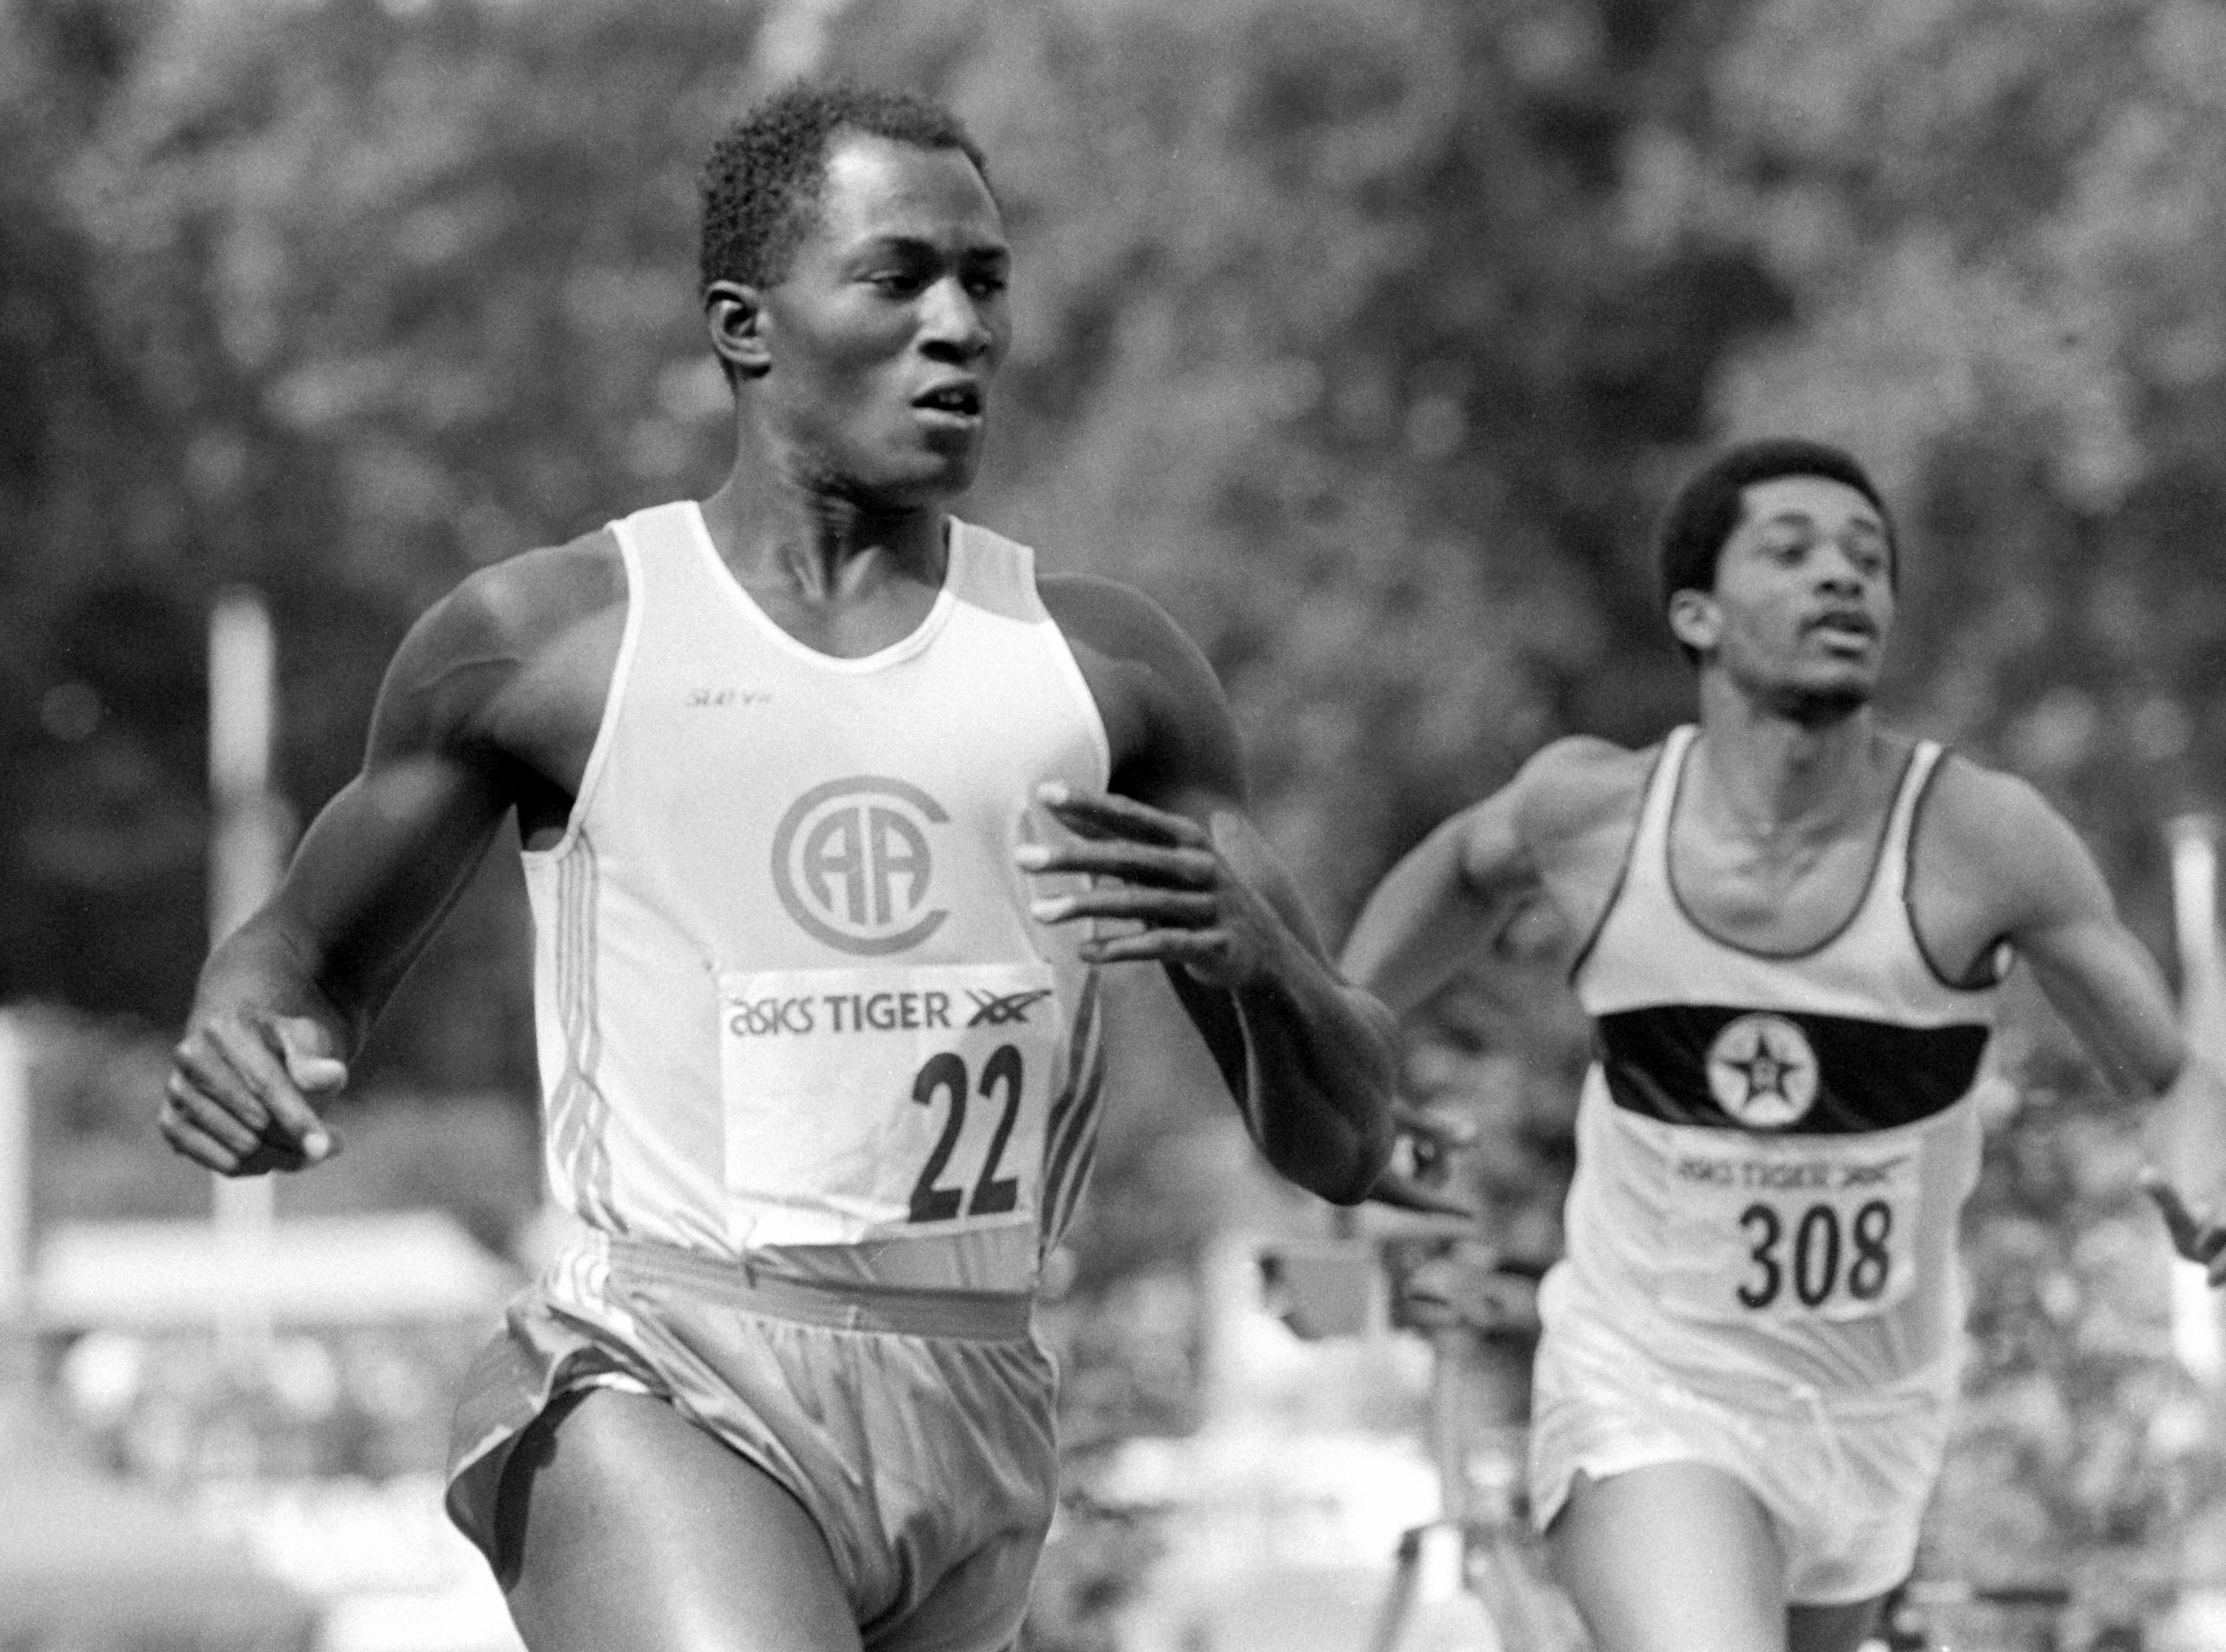 Vandaag in 1986 is Achmed de Kom voor het eerst de snelste op de 100 meter. De sprinter verdwijnt echter met een hoop ophef uit de atletiek